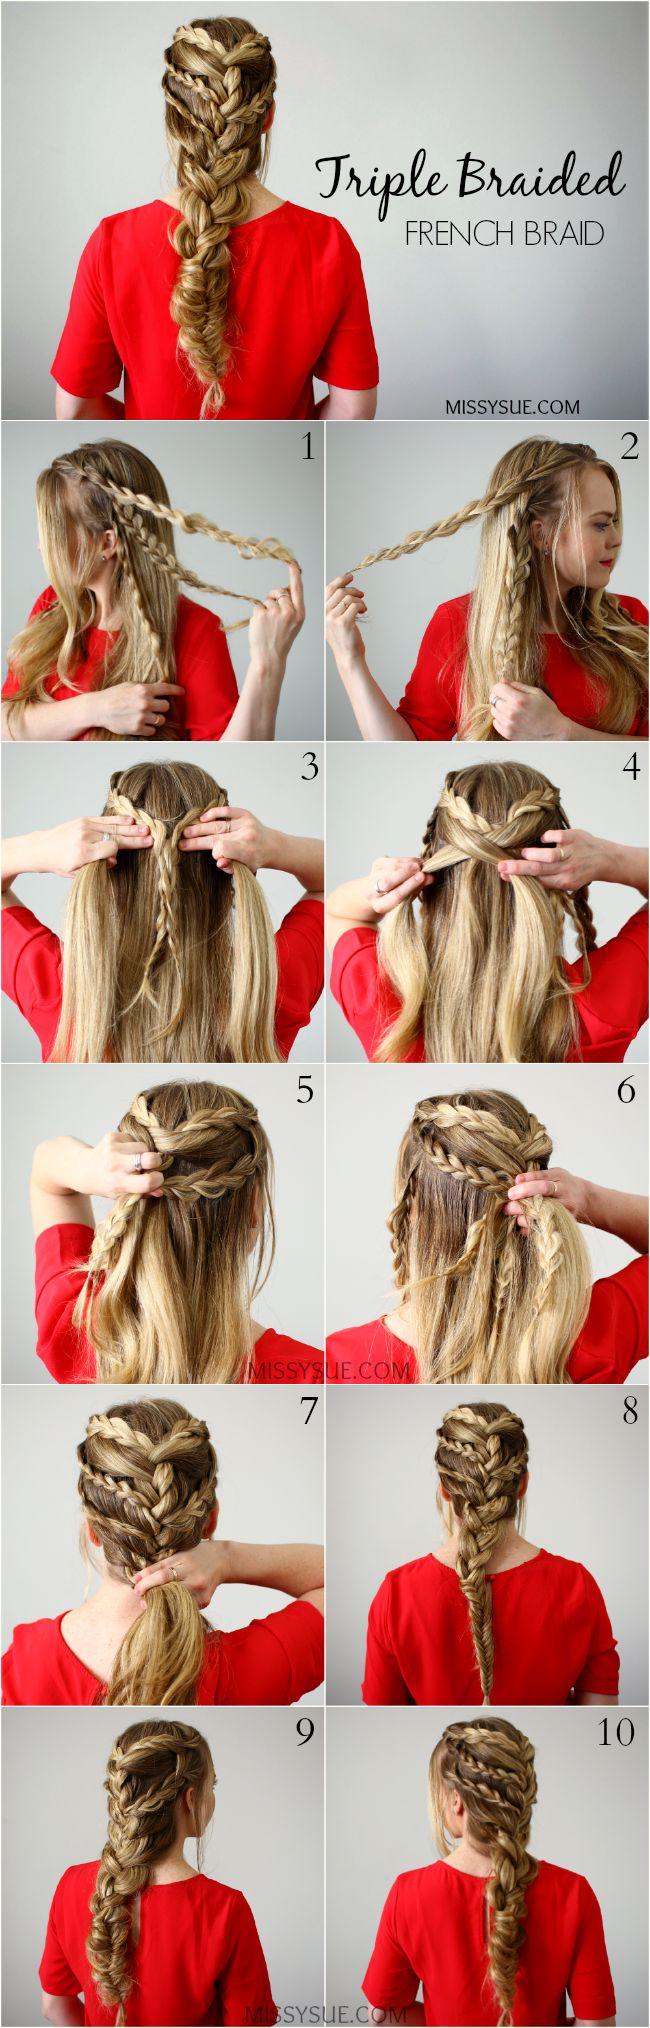 Triple-braided-french-braid